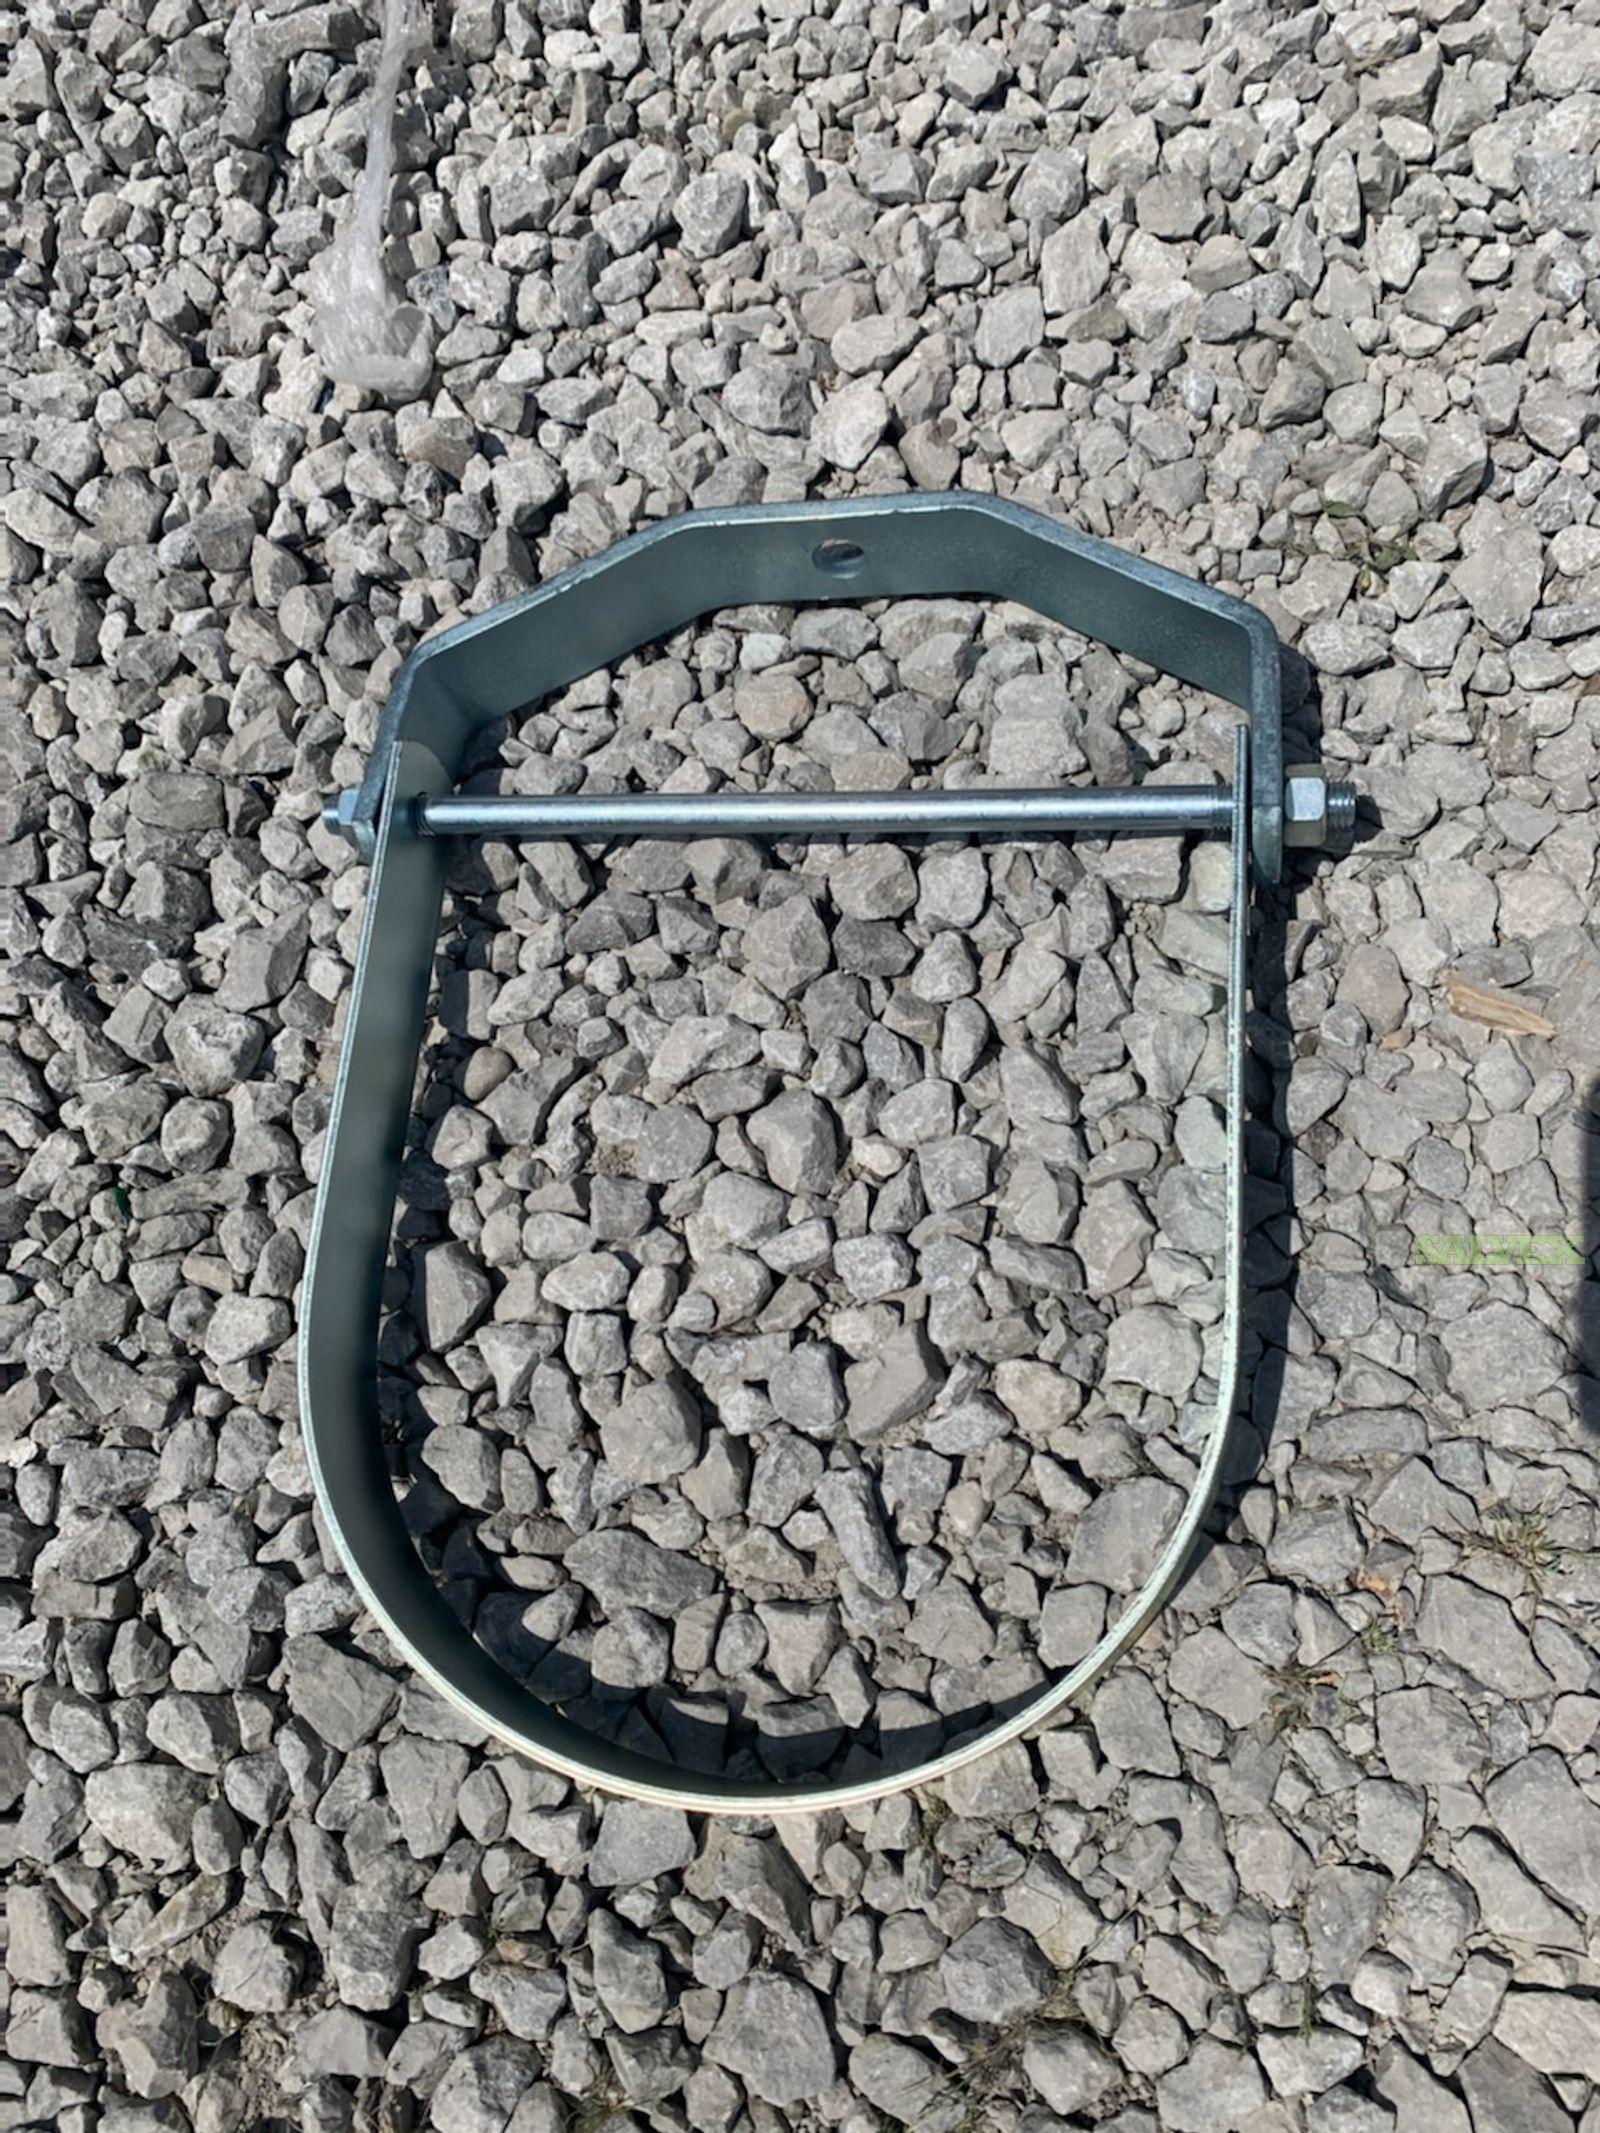 401 Clevis Hangers - Sizes 18- 16 - 14 - 12 (606 Units)